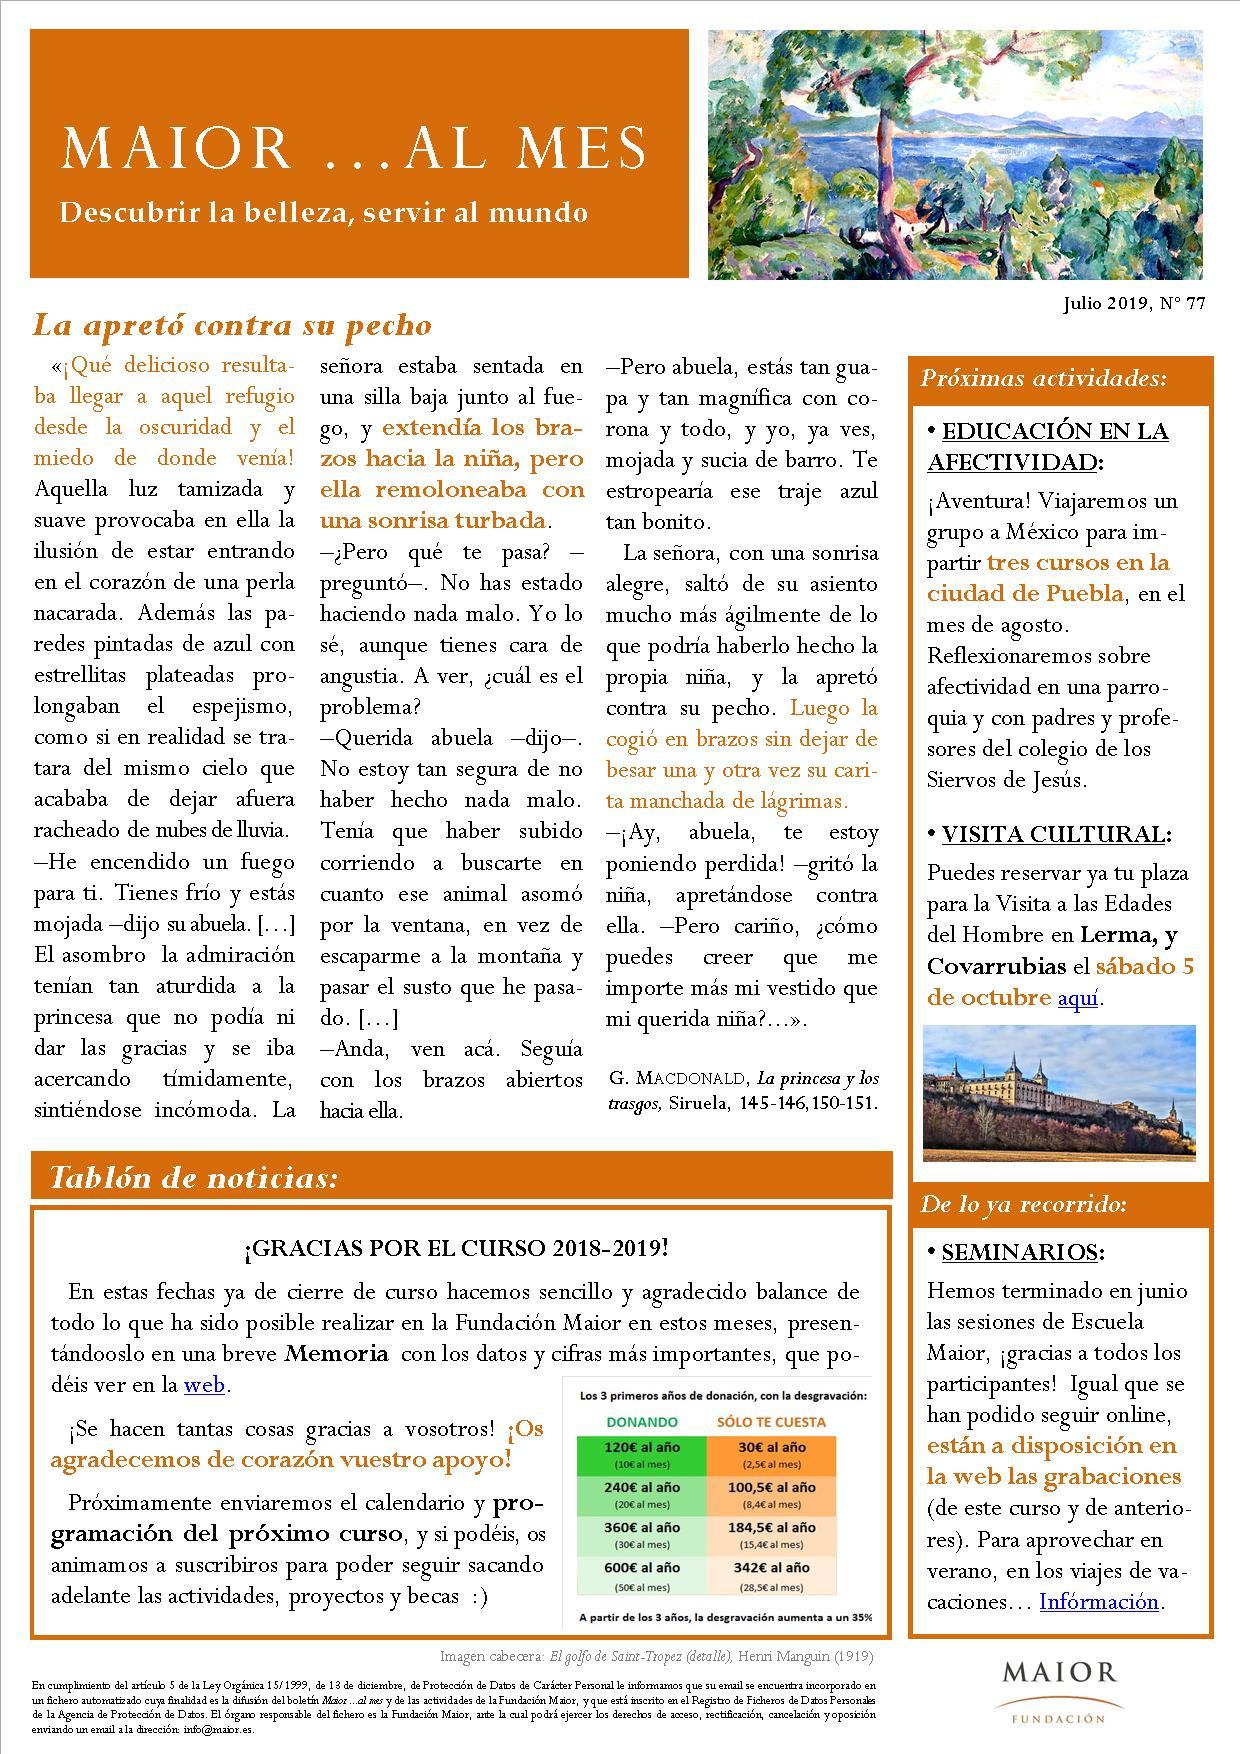 Boletín mensual de noticias y actividades de la Fundación Maior. Edición de julio 2019